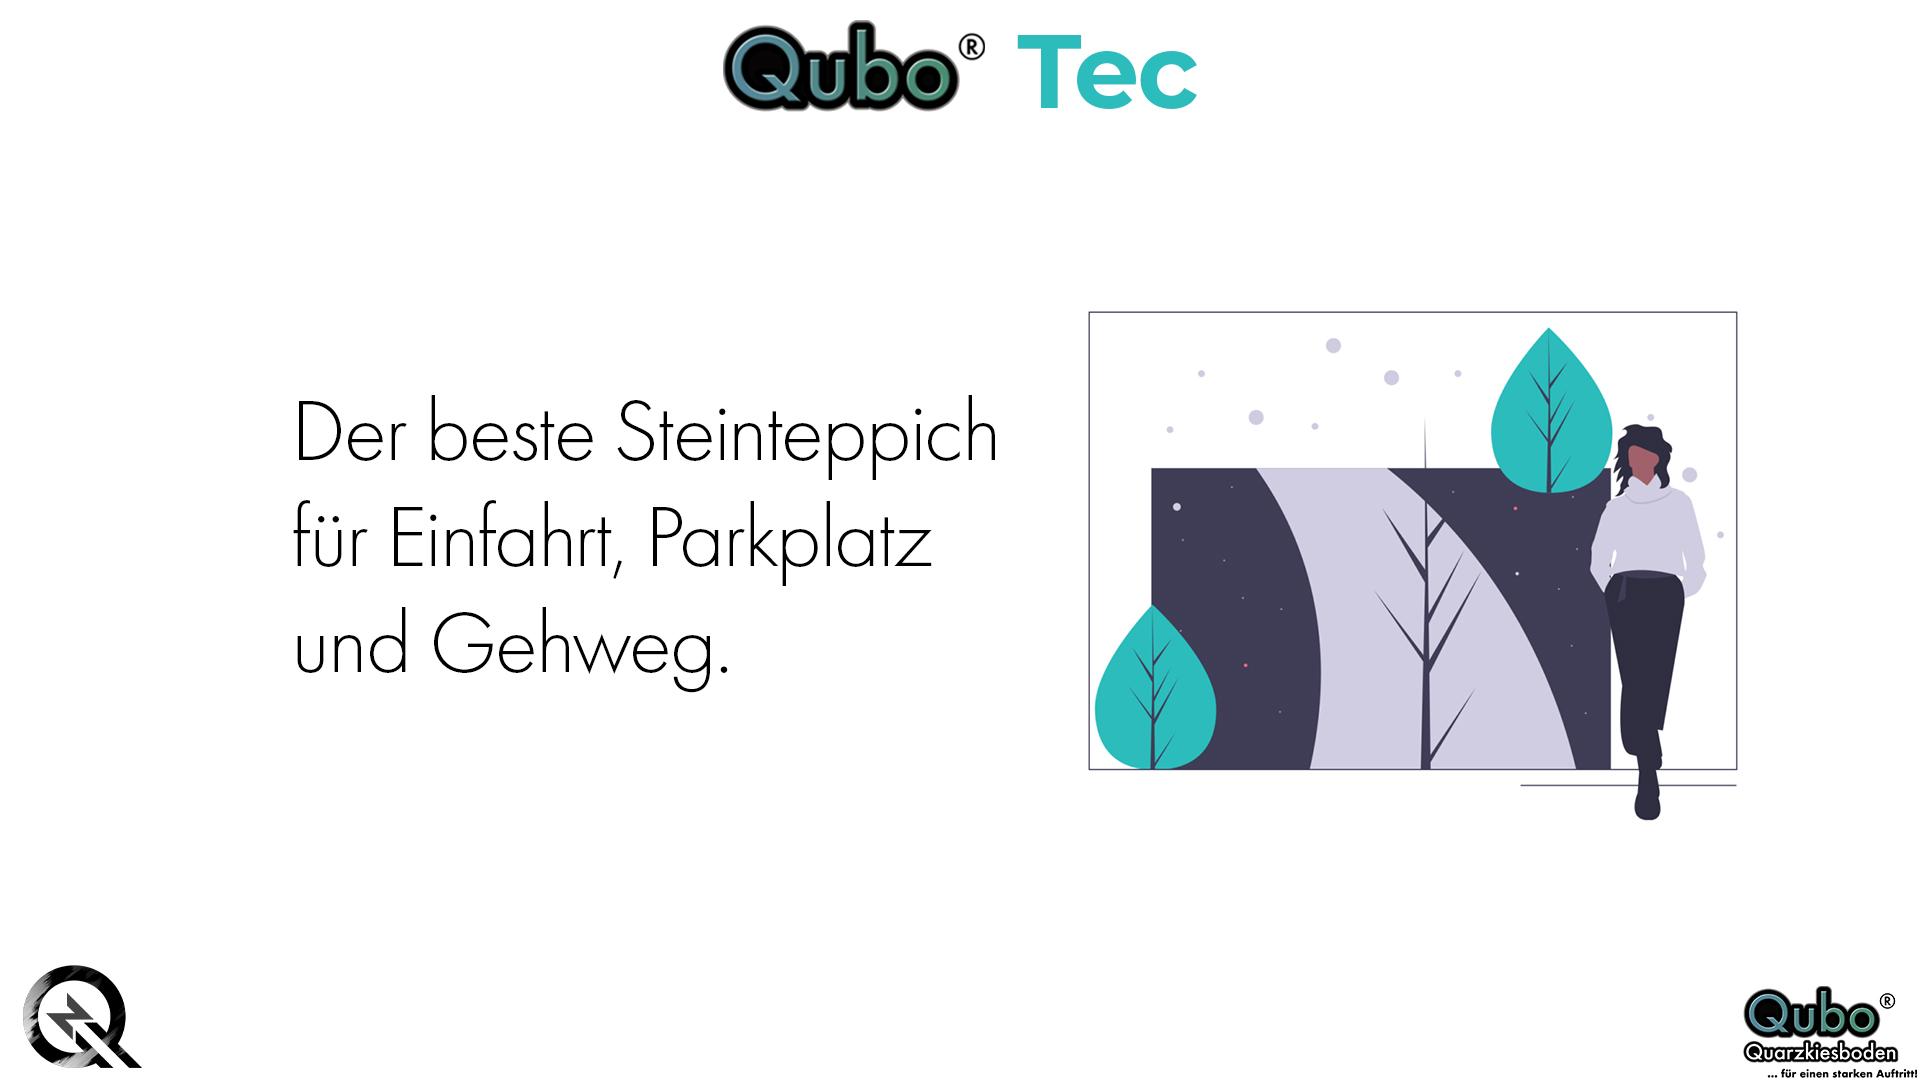 Qubo Tec Blog Facebook